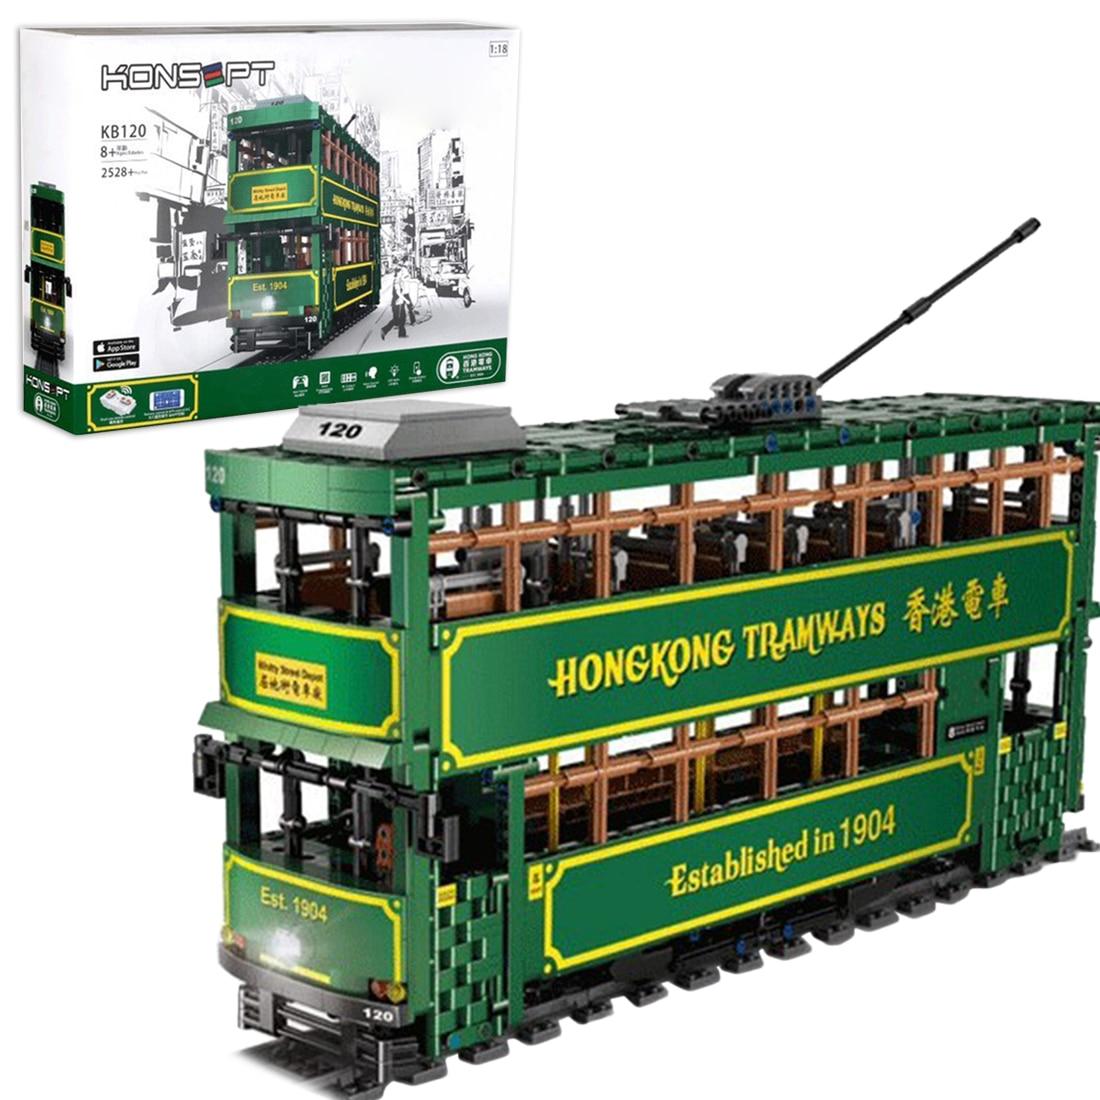 2528 pçs 118 blocos de construção do bonde da trilha do ônibus do duplo andar diy tijolos da haste brinquedo para crianças brinquedos educativos presente-versão dinâmica